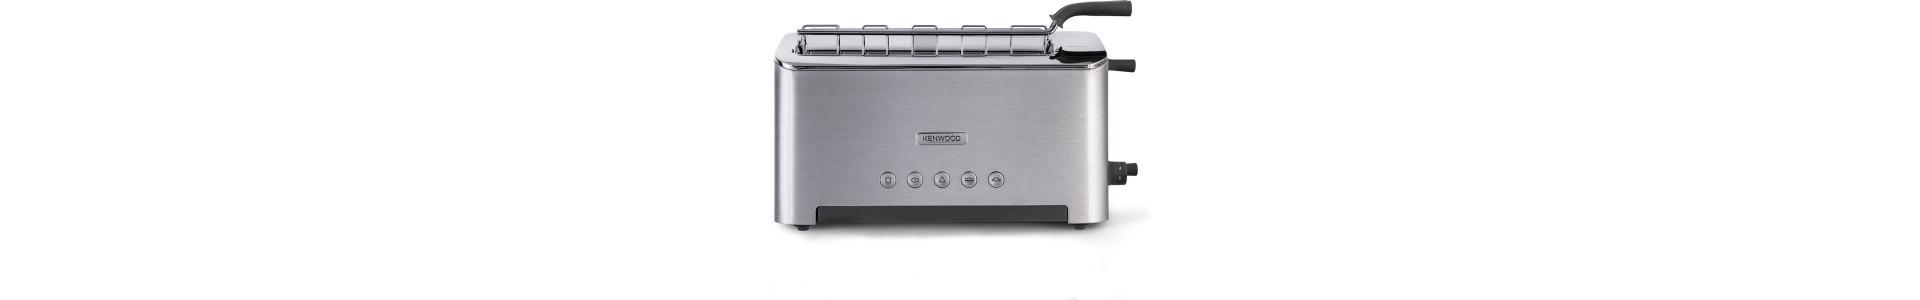 Accessoires et pièces détachées pour le grille-pain Kenwood TTM610